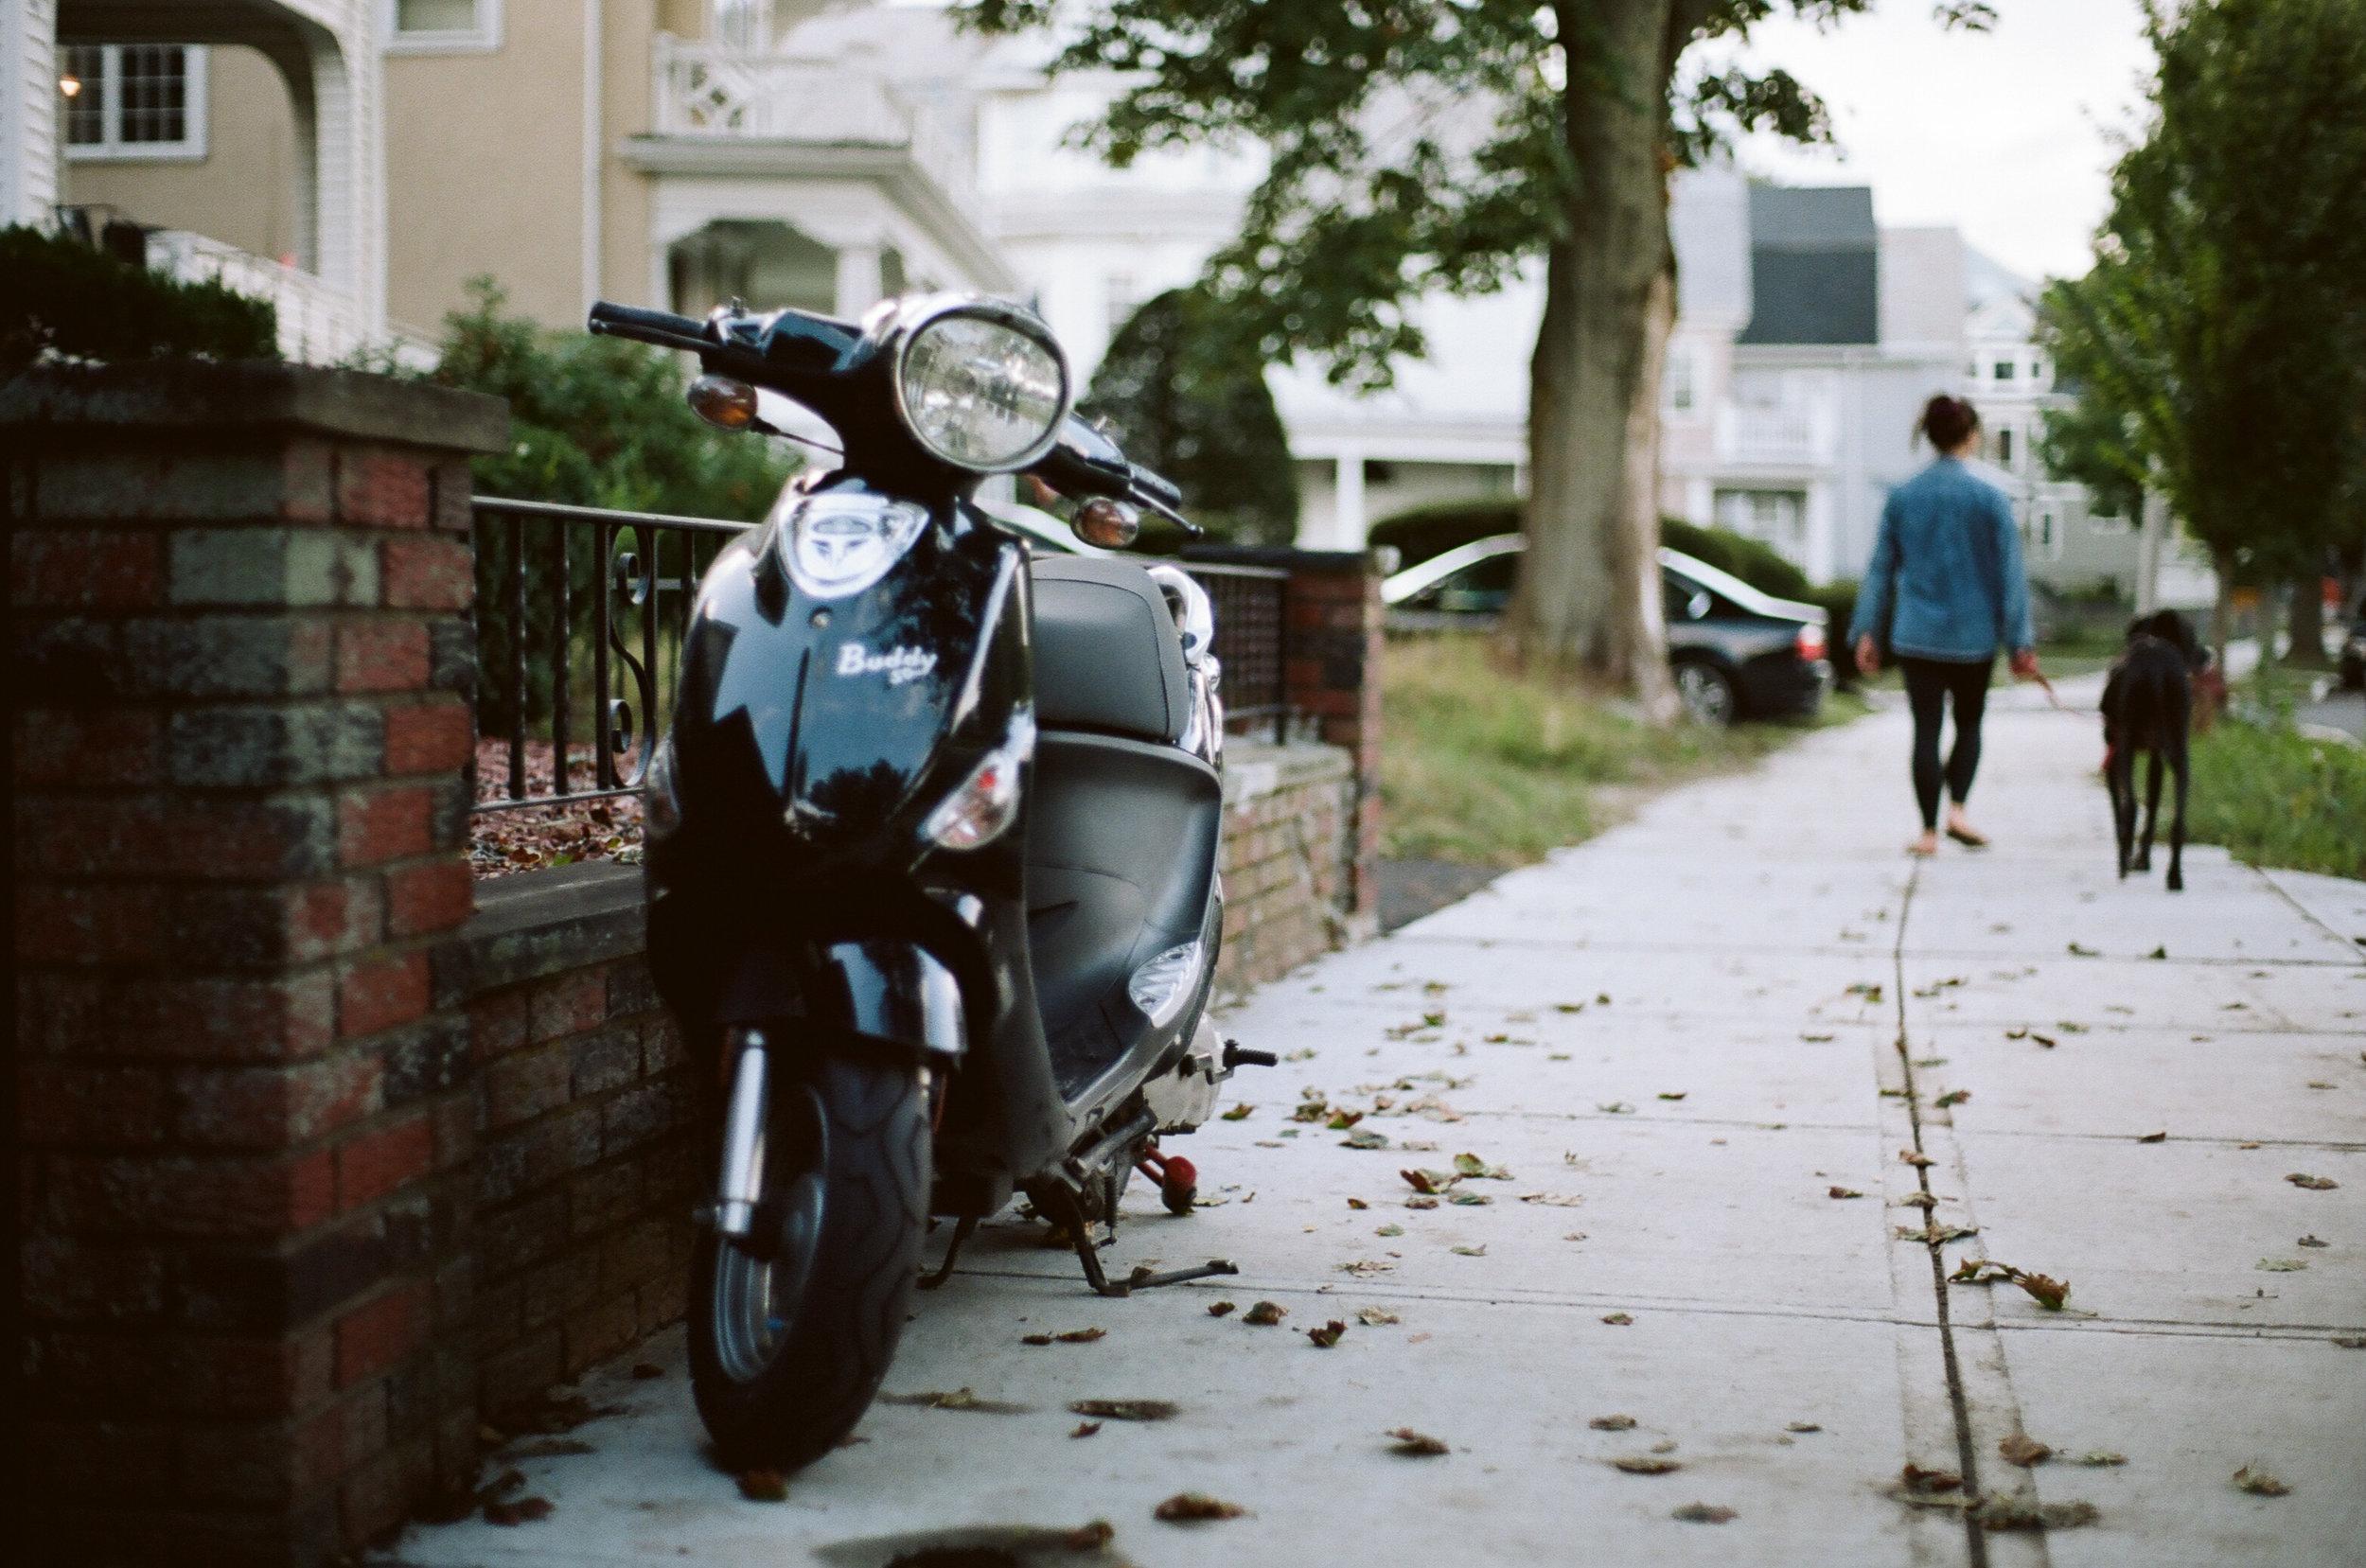 35mm Film - 00132 - Chris Goetchius 2017.jpg